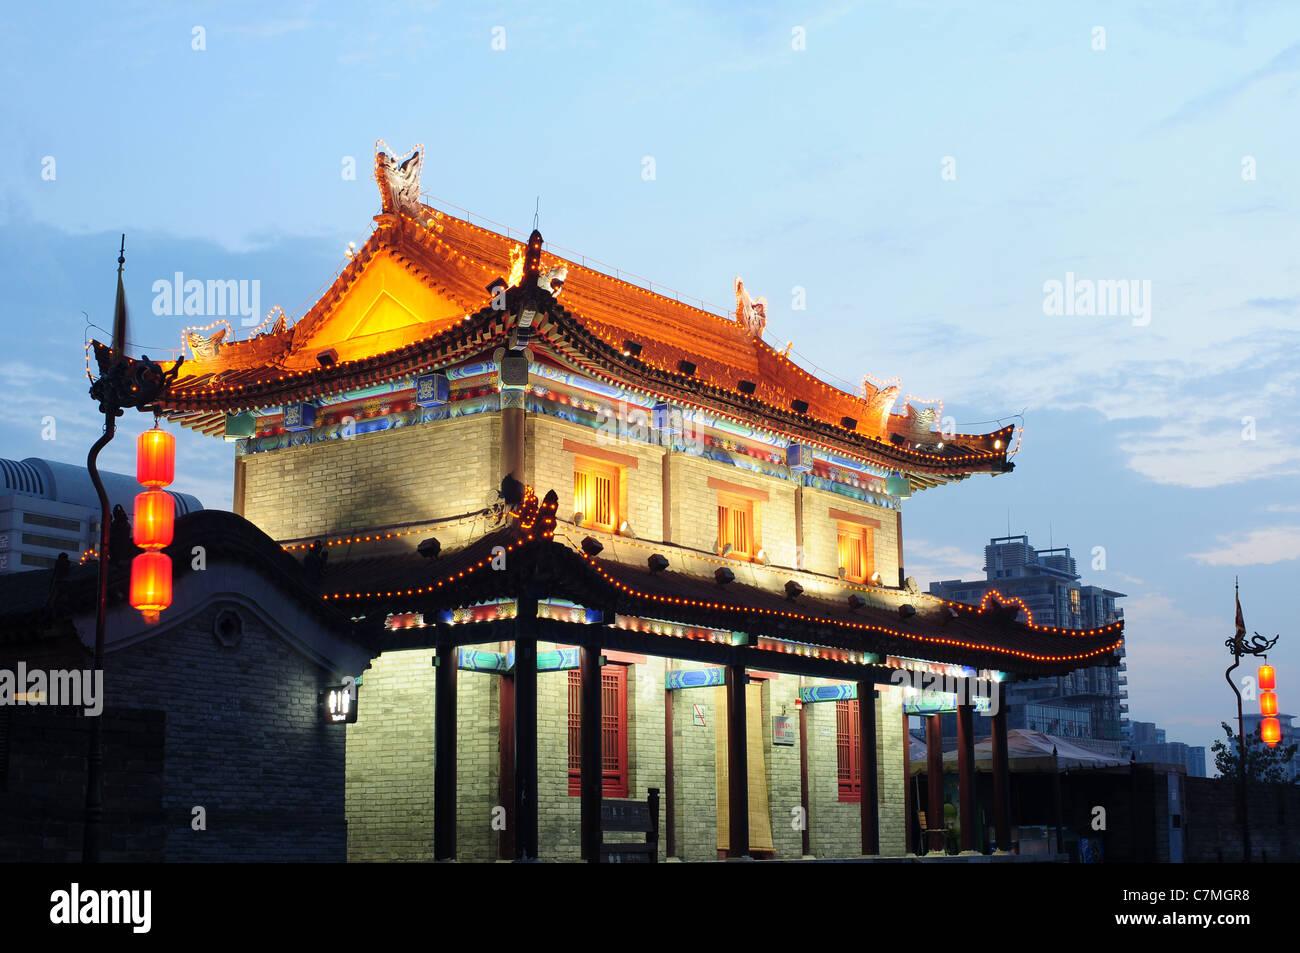 Les scènes nocturnes de la célèbre vieille ville de Xian, Chine Photo Stock